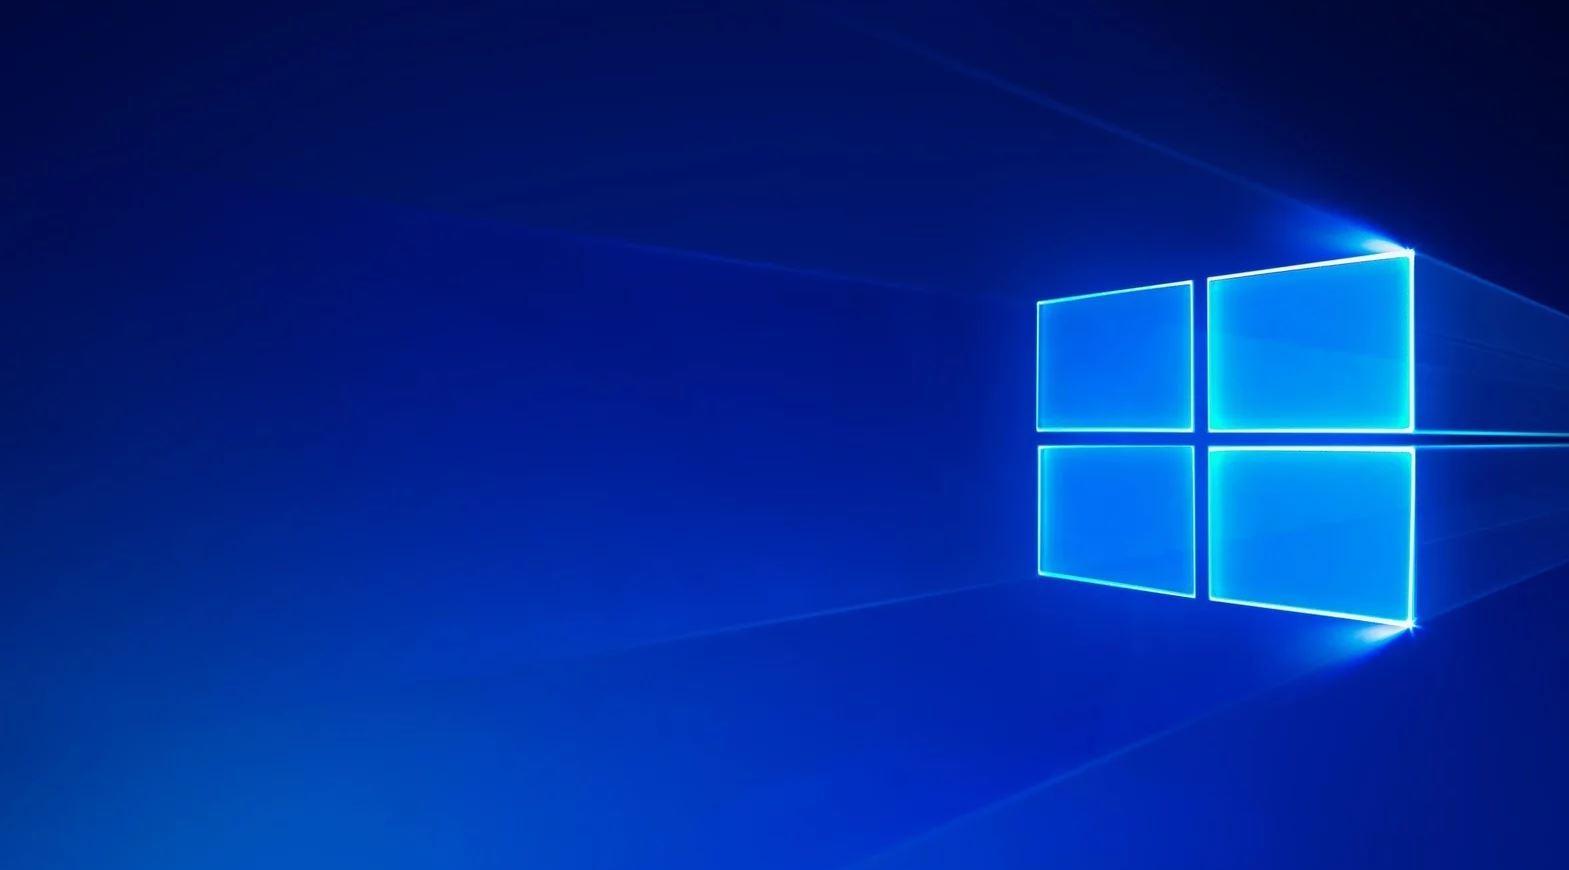 installerar Windows 10